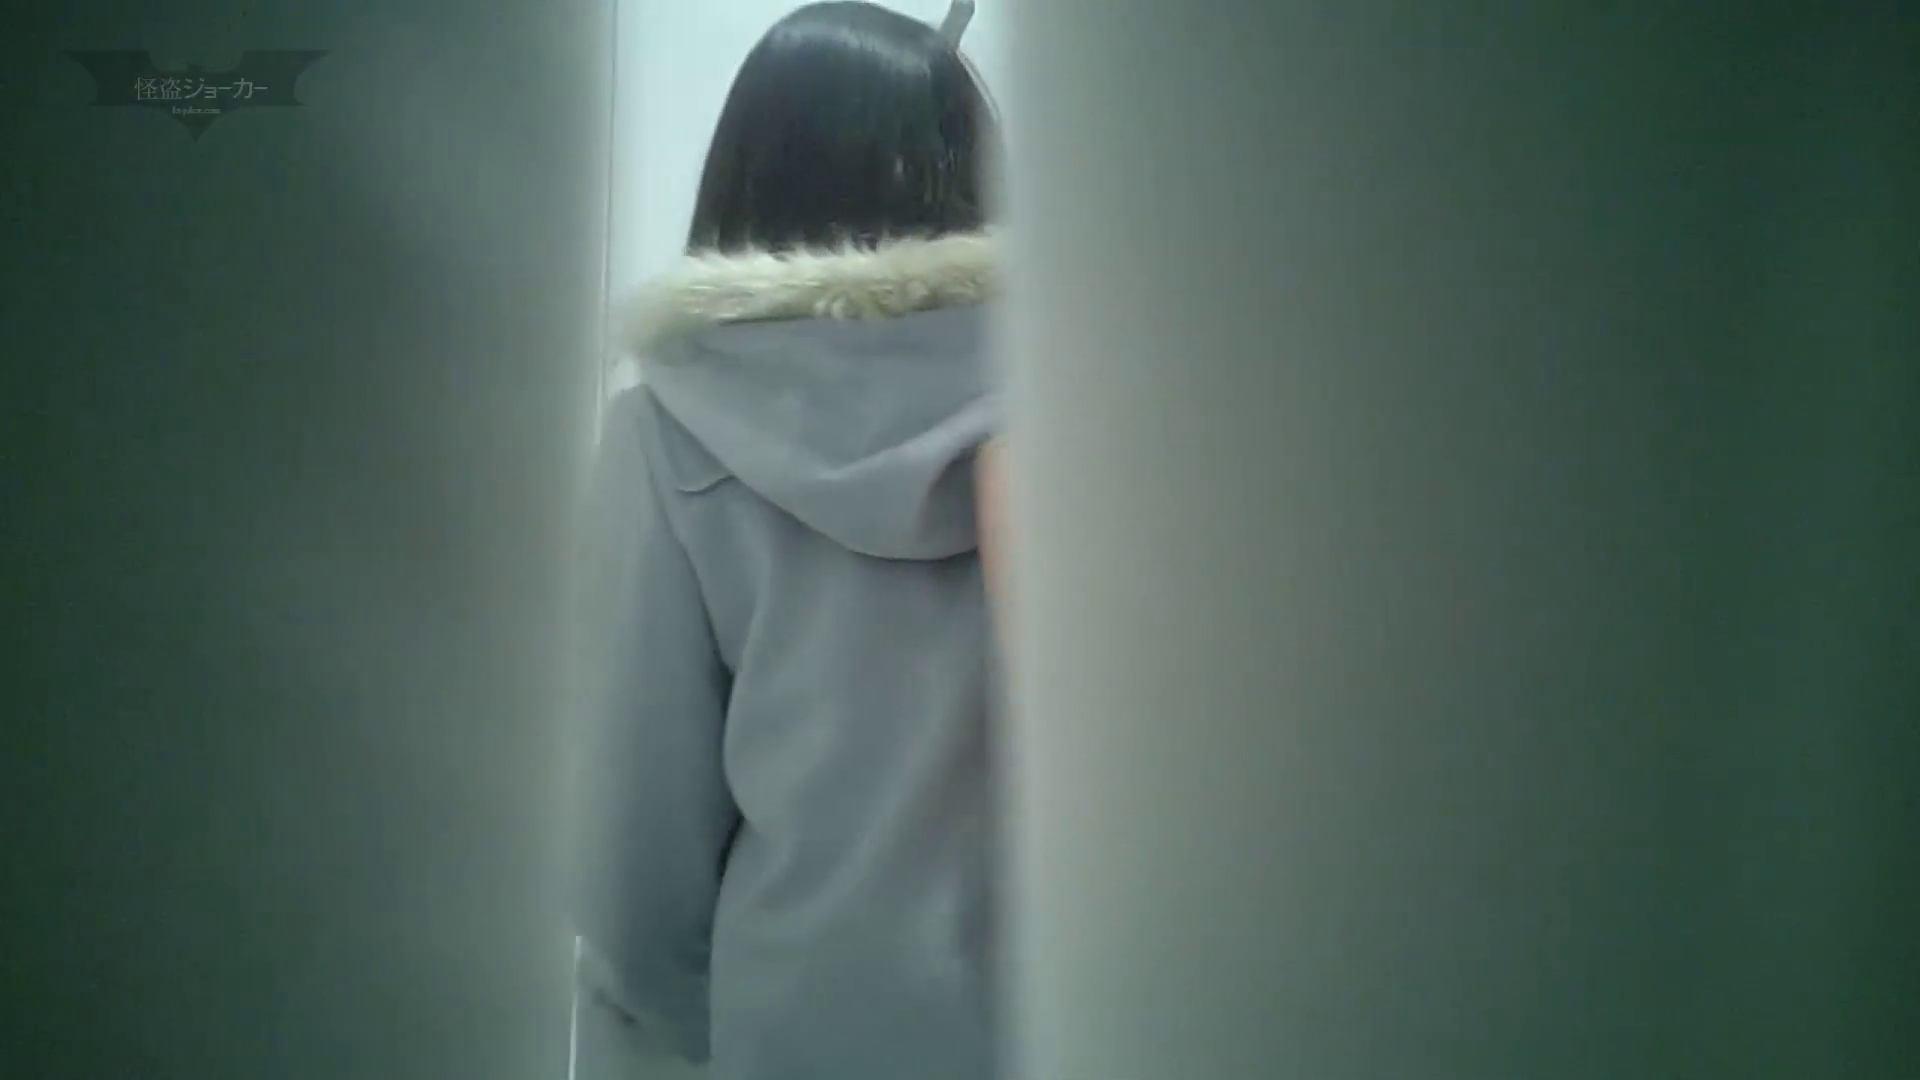 有名大学女性洗面所 vol.57 S級美女マルチアングル撮り!! 排泄 ぱこり動画紹介 88PIX 62